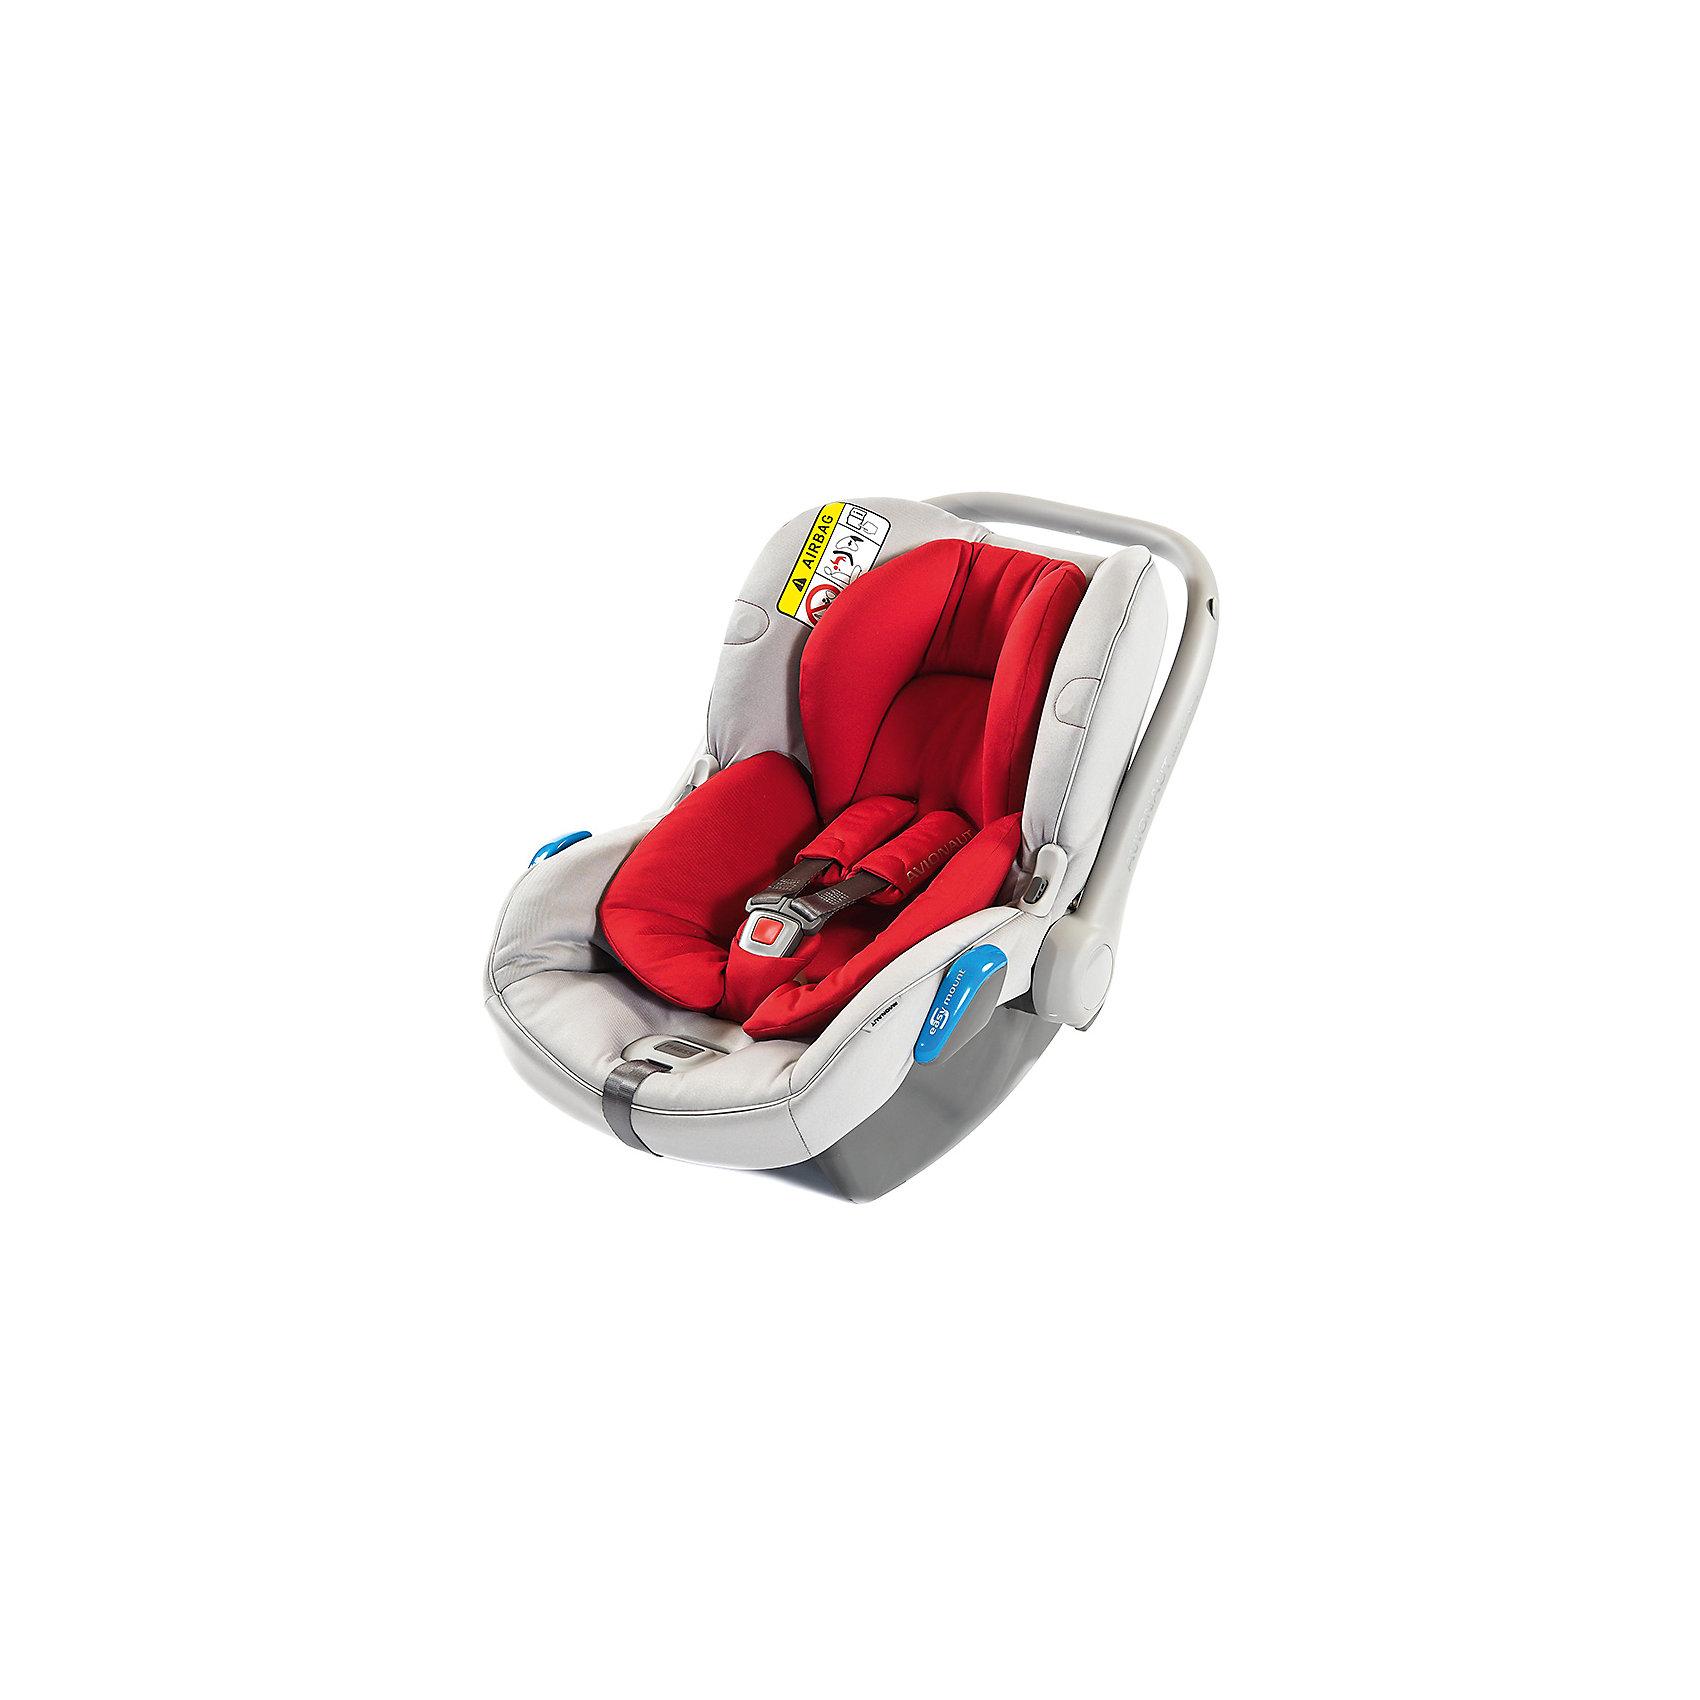 Автокресло Avionaut KITE, 0-13 кг, серый/красныйГруппа 0+ (До 13 кг)<br>Характеристики товара:<br><br>• группа автокресла: 0-0+;<br>• возраст: с рождения до 1 года;<br>• вес ребенка: 0-13 кг;<br>• материал: пластик, полиэстер;<br>• 3-х точечные ремни безопасности;<br>• установка автокресла: против хода движения;<br>• способ крепления: штатными ремнями автомобиля;<br>• размер автокресла: 62х55х43 см;<br>• вес автокресла: 3,25 кг;<br>• размер упаковки: 70х45х25 см;<br>• вес упаковки: 3,4 кг;<br>• страна производитель: Польша.<br><br>Автокресло Avionaut Kite серое/красное обеспечивает безопасную перевозку в машине малыша с самого рождения. Оно устанавливается только против движения автомобиля для достижения наилучшей защиты позвоночника, головы и шеи при ударе. Крепится штатными ремнями автомобиля, но также может фиксироваться при помощи креплений Isofix или на специальную базу Dock.<br><br>Для самых маленьких предусмотрен анатомический вкладыш, поддерживающий спину ребенка. Автокресло выполнено из полистирола, способного поглощать основную энергию удара при столкновении. Кресло оснащено регулируемой ручкой для переноски и козырьком для защиты от солнца. Универсальный адаптер позволяет устанавливать кресло на шасси колясок.<br><br>Автокресло Avionaut Kite серое/красное можно приобрести в нашем интернет-магазине.<br><br>Ширина мм: 700<br>Глубина мм: 450<br>Высота мм: 250<br>Вес г: 3250<br>Возраст от месяцев: -2147483648<br>Возраст до месяцев: 2147483647<br>Пол: Унисекс<br>Возраст: Детский<br>SKU: 5500126